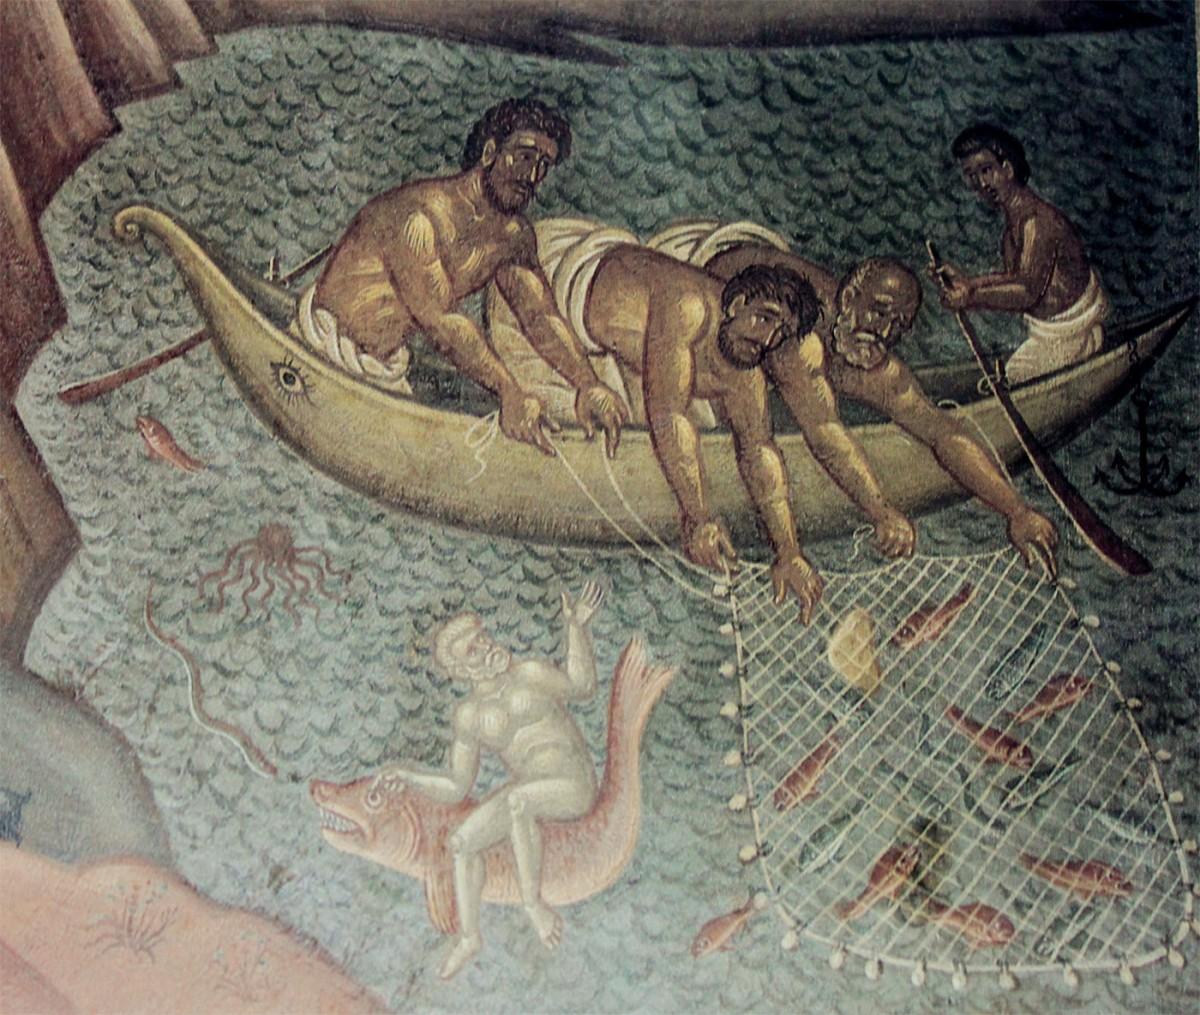 Λεπτομέρεια από τον τοιχογραφικό διάκοσμο του Φώτη Κόντογλου στο Δημαρχείο Αθηνών.